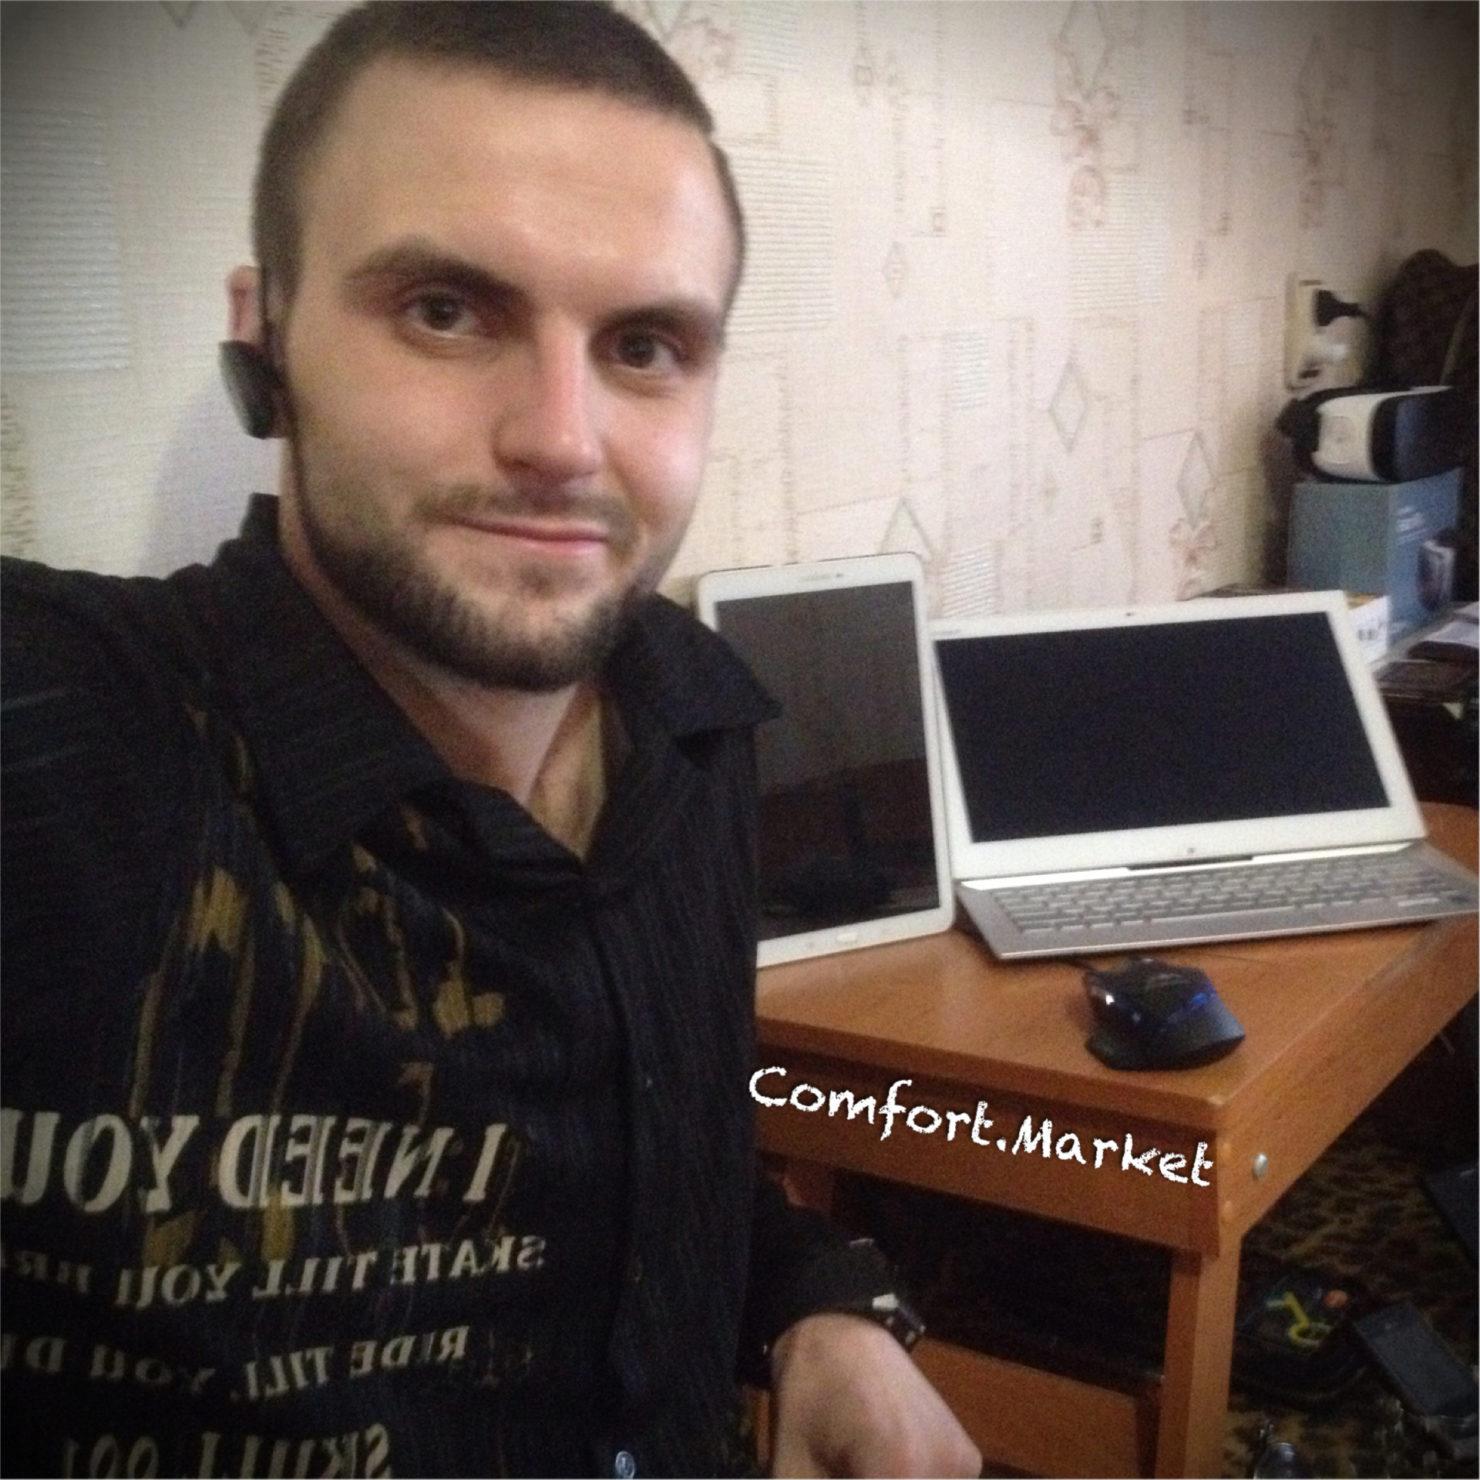 Предприниматель, создатель сайта Comfort.Market в Украине - Королев Алексей.